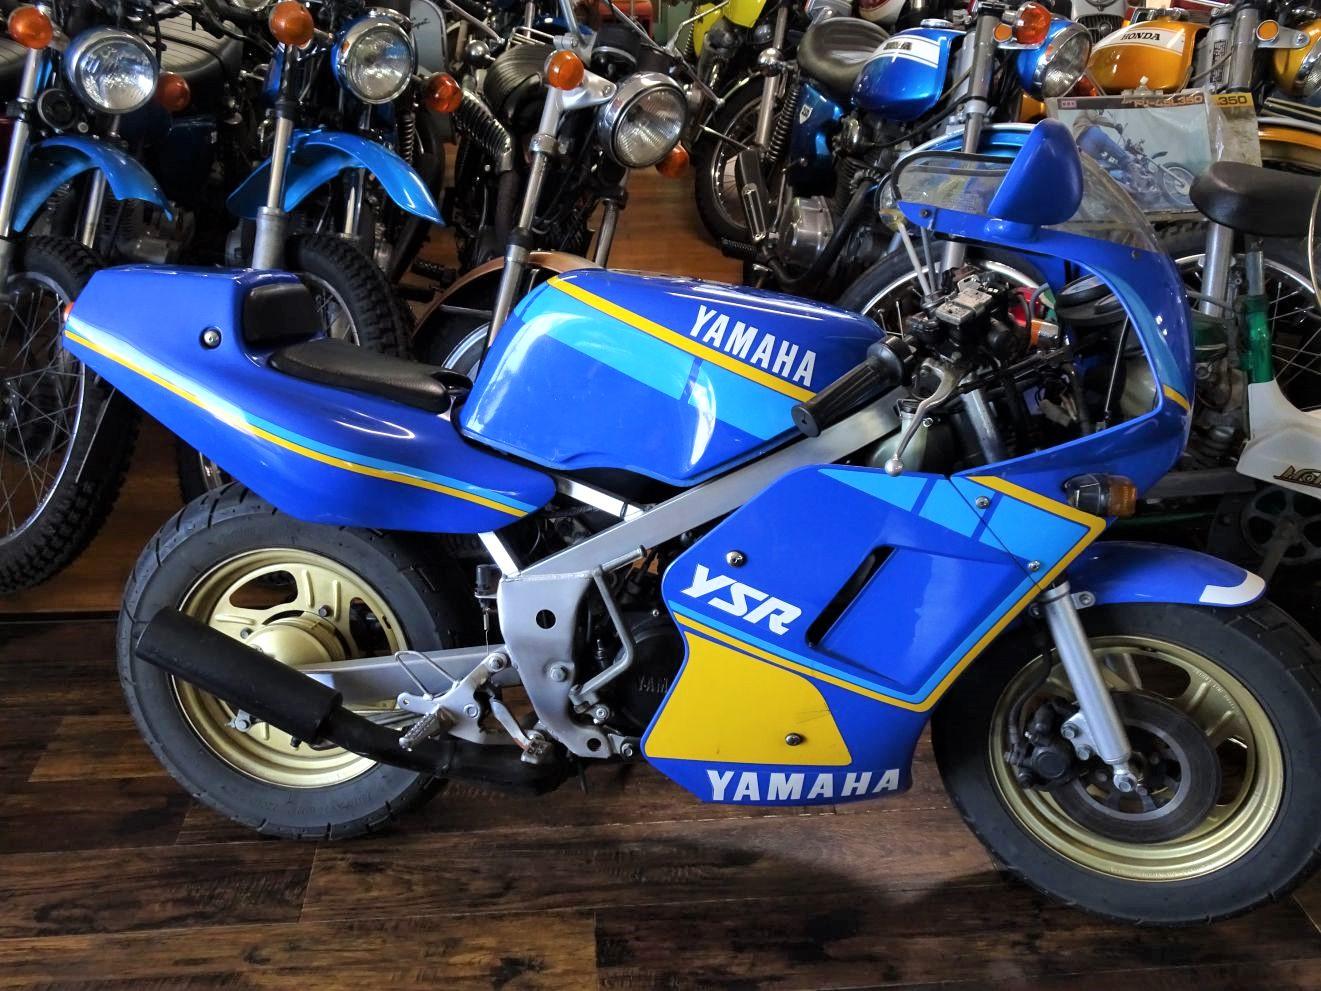 YSR80